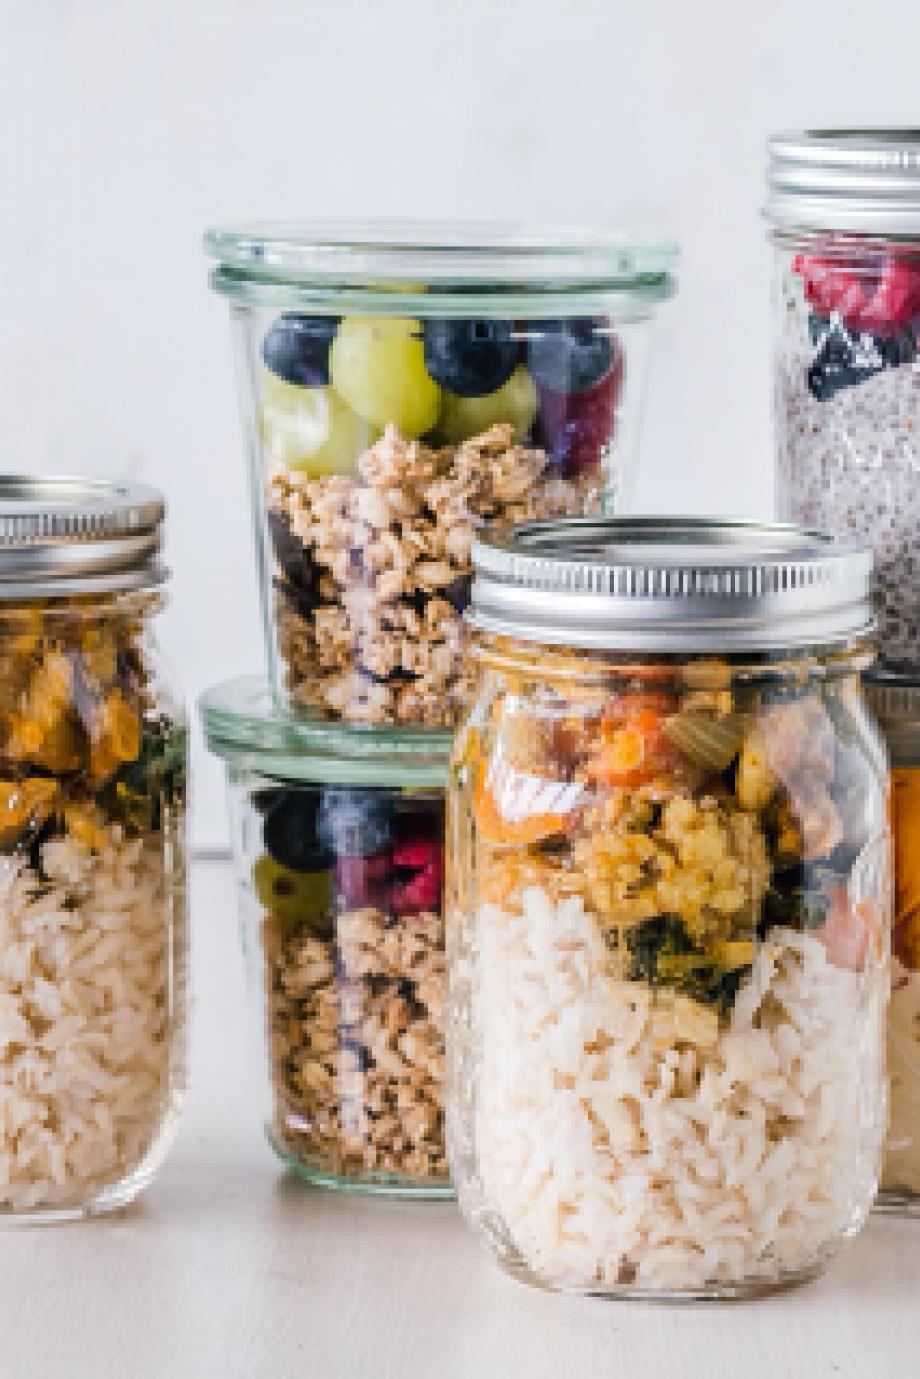 LC_Blog_4 Iniciativas que ajudam a combater o desperdício alimentar